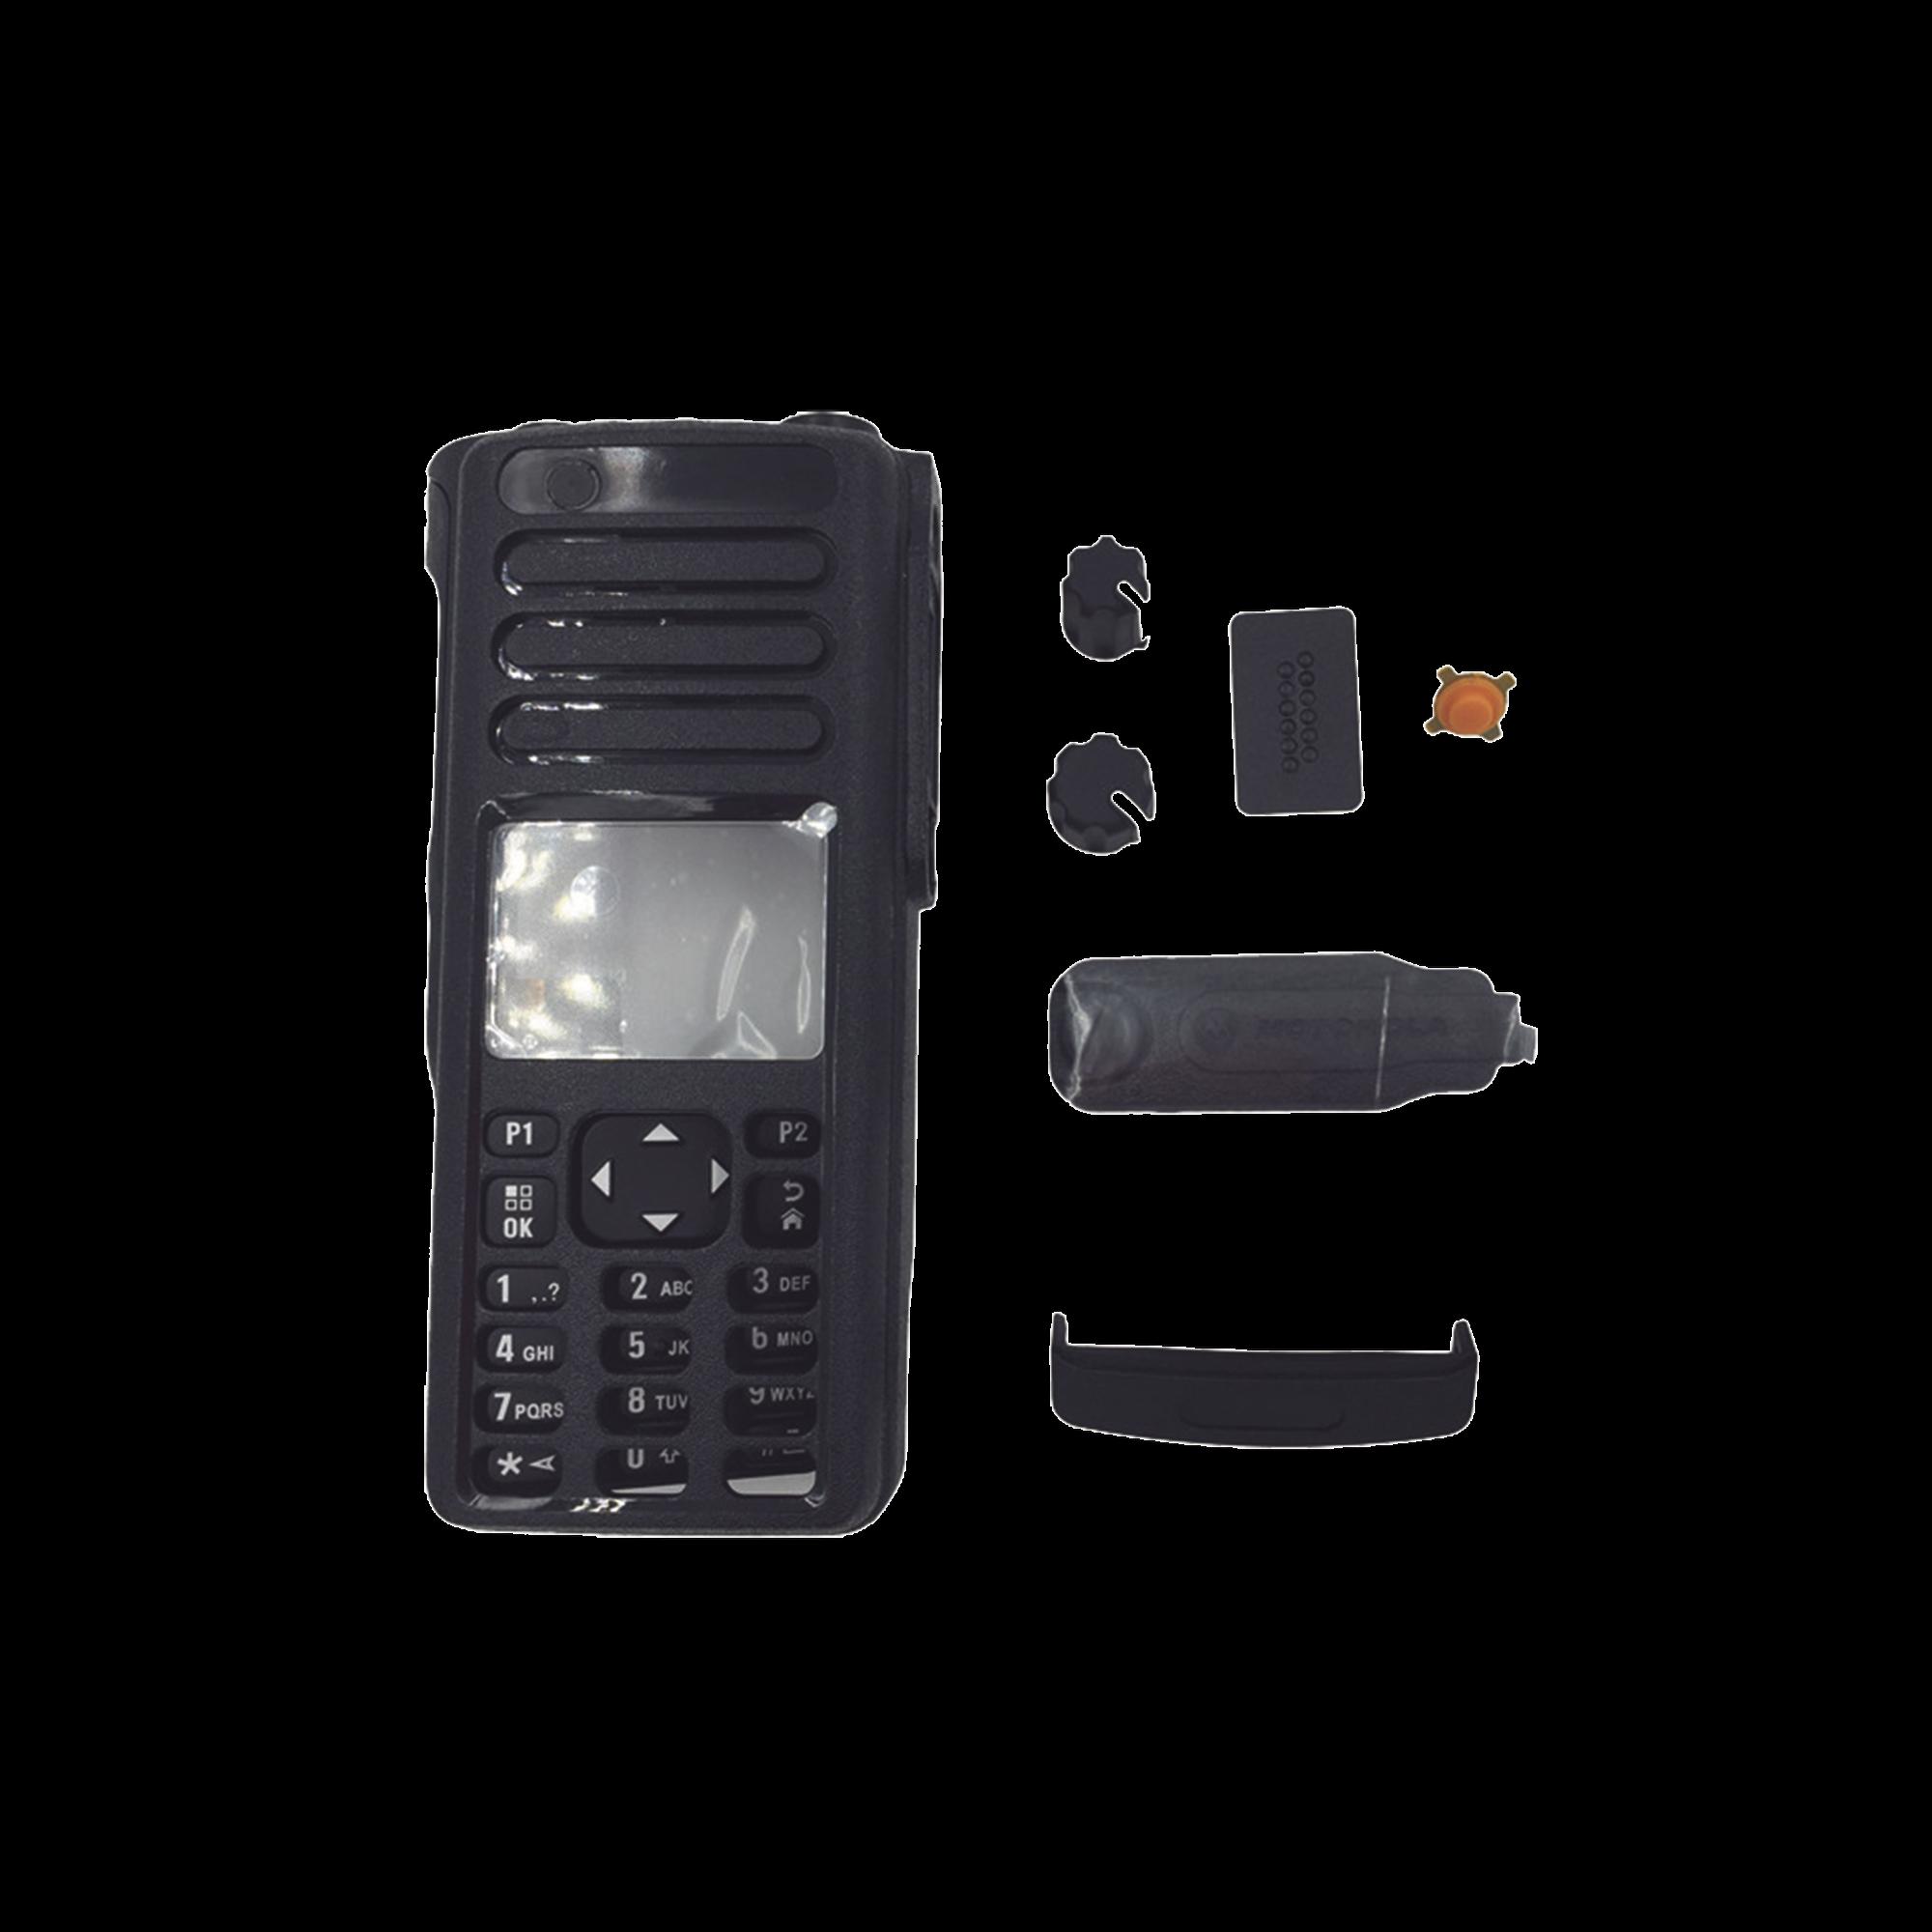 Carcasa de plástico para Radio Motorola DGP8550